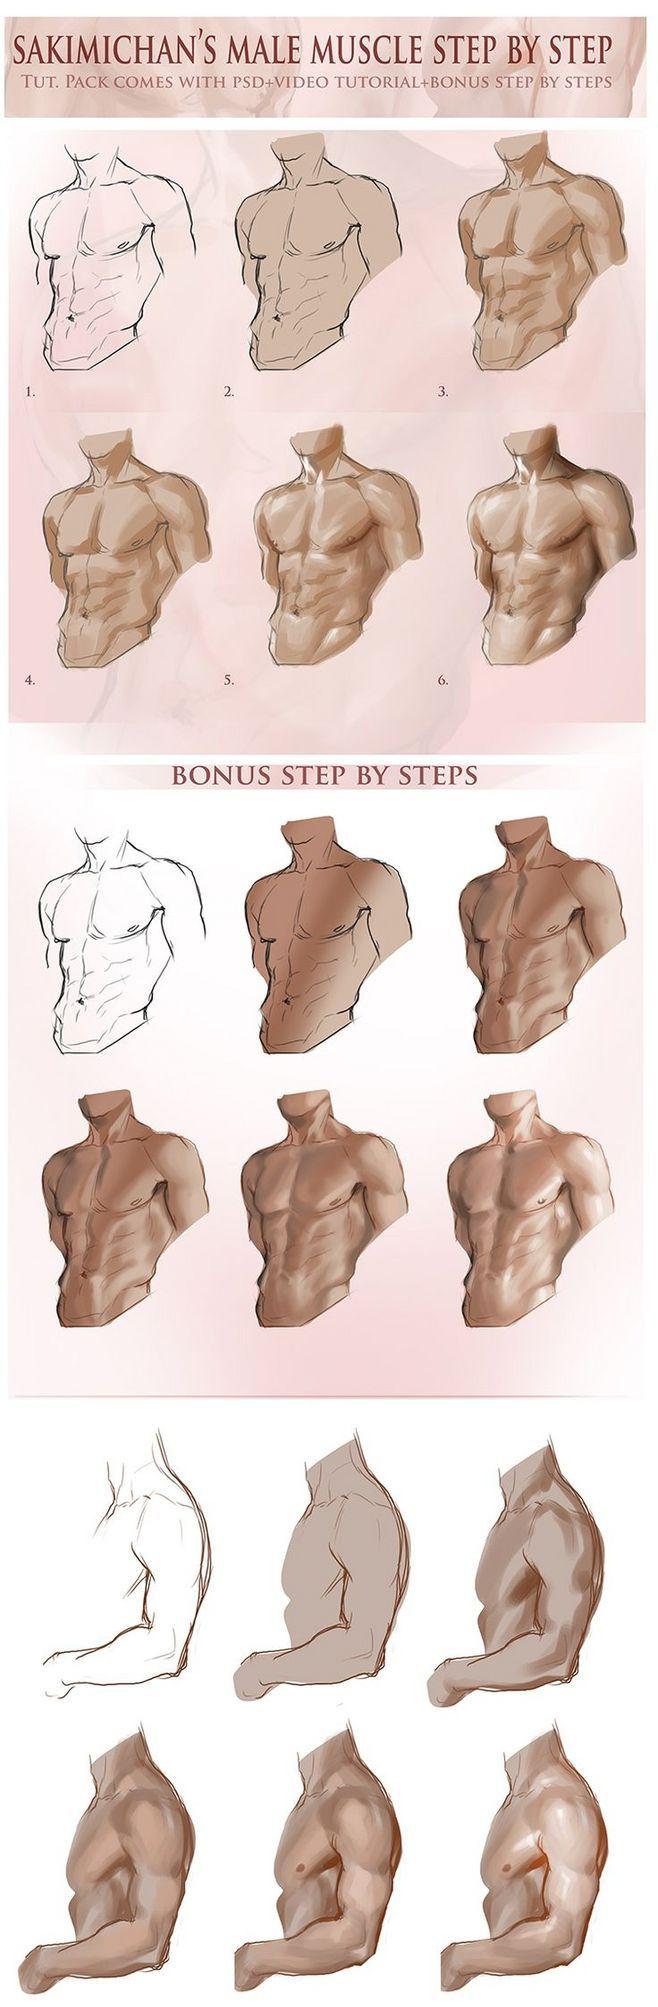 Torso masculino. Sombreado de músculos. | Anatomy | Pinterest ...